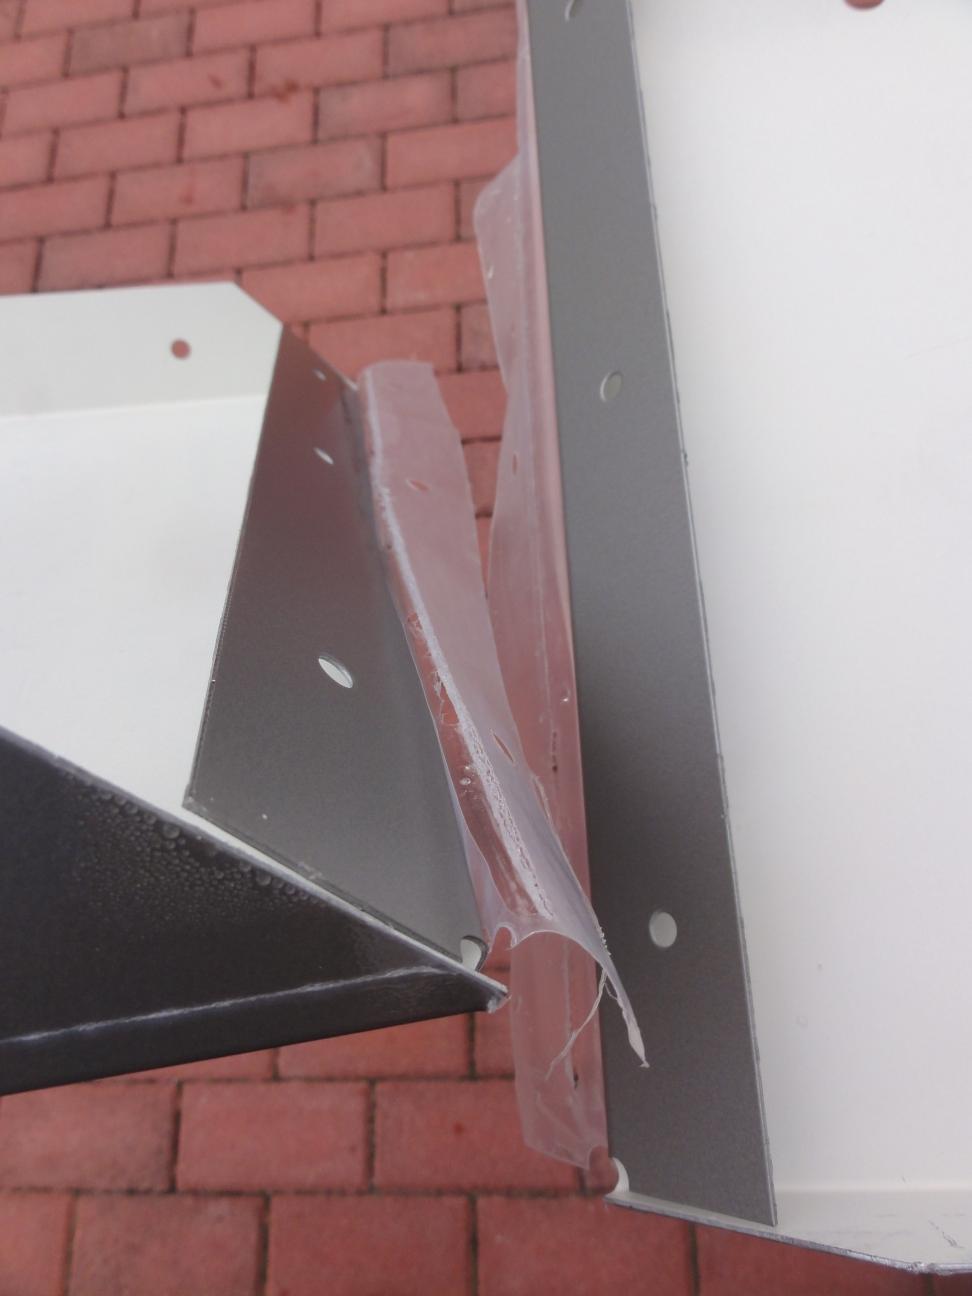 kaminholzregal metall 1 7m x 1 0 m x 0 35 m oberfl che lackiert. Black Bedroom Furniture Sets. Home Design Ideas